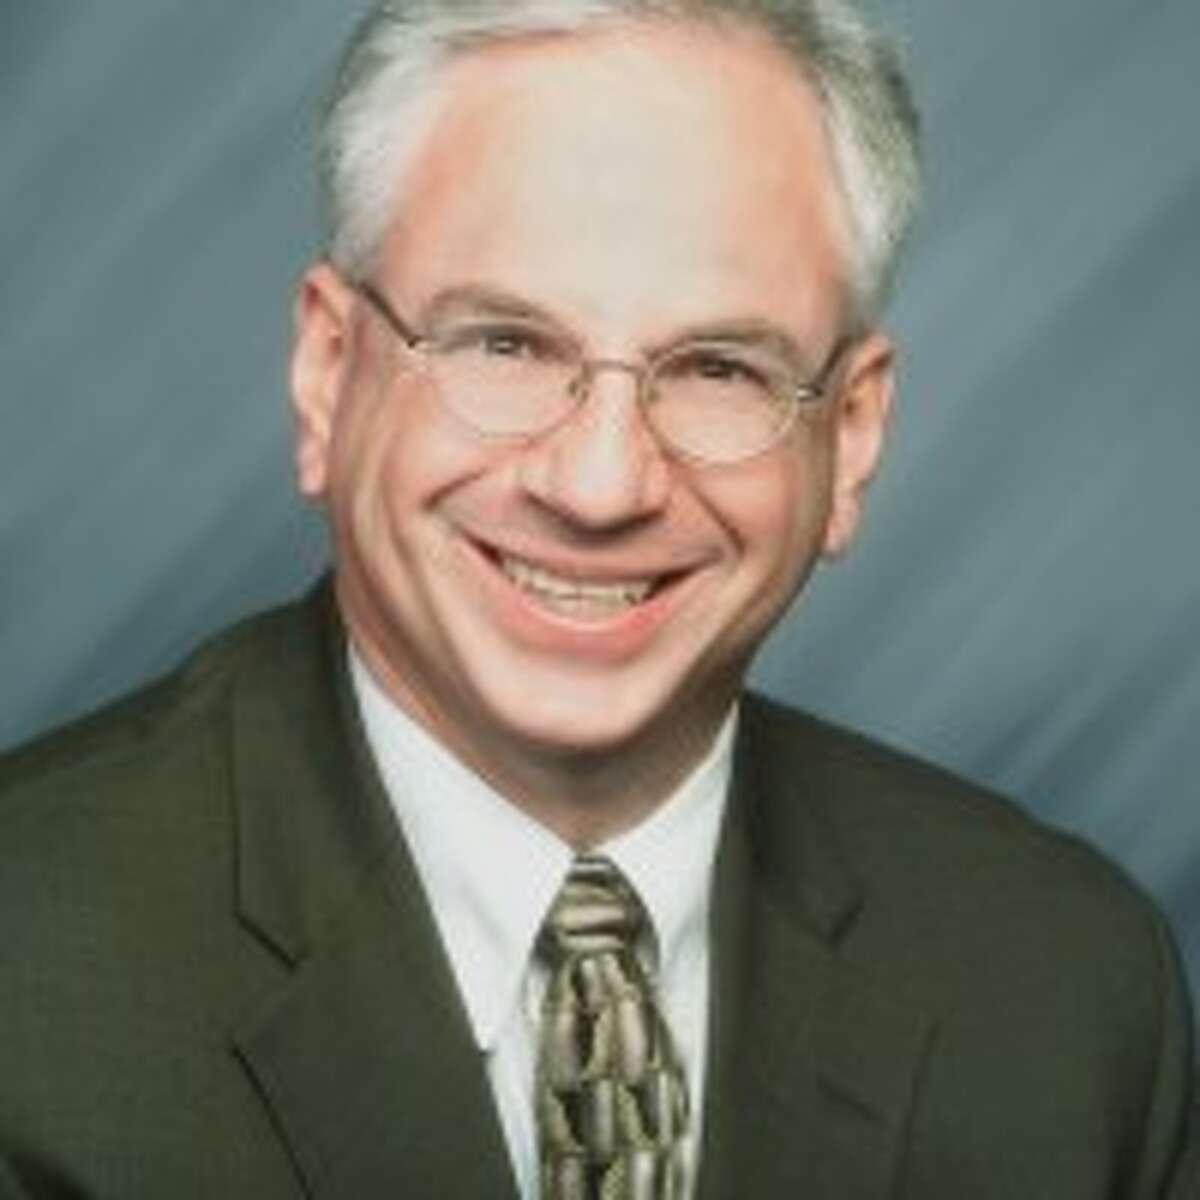 Ron Jarosz